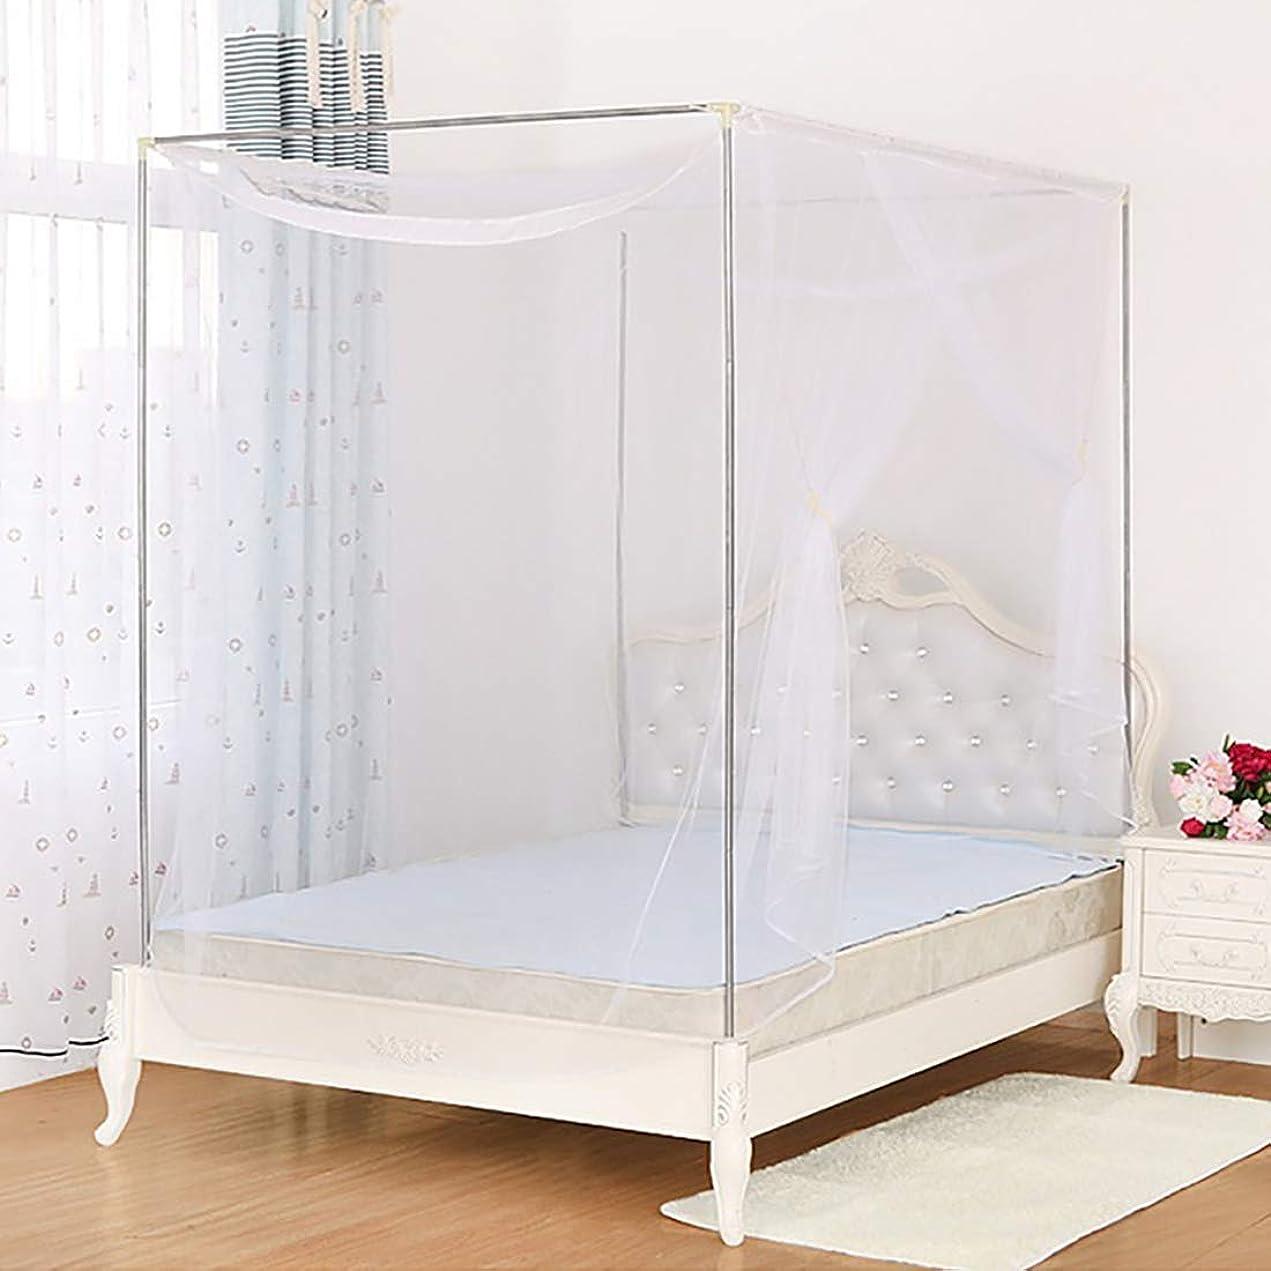 パステル会計上院議員Dreamy wing 蚊帳 かや 6畳用 吊り下げ 虫除け対策 300×210×230(白)